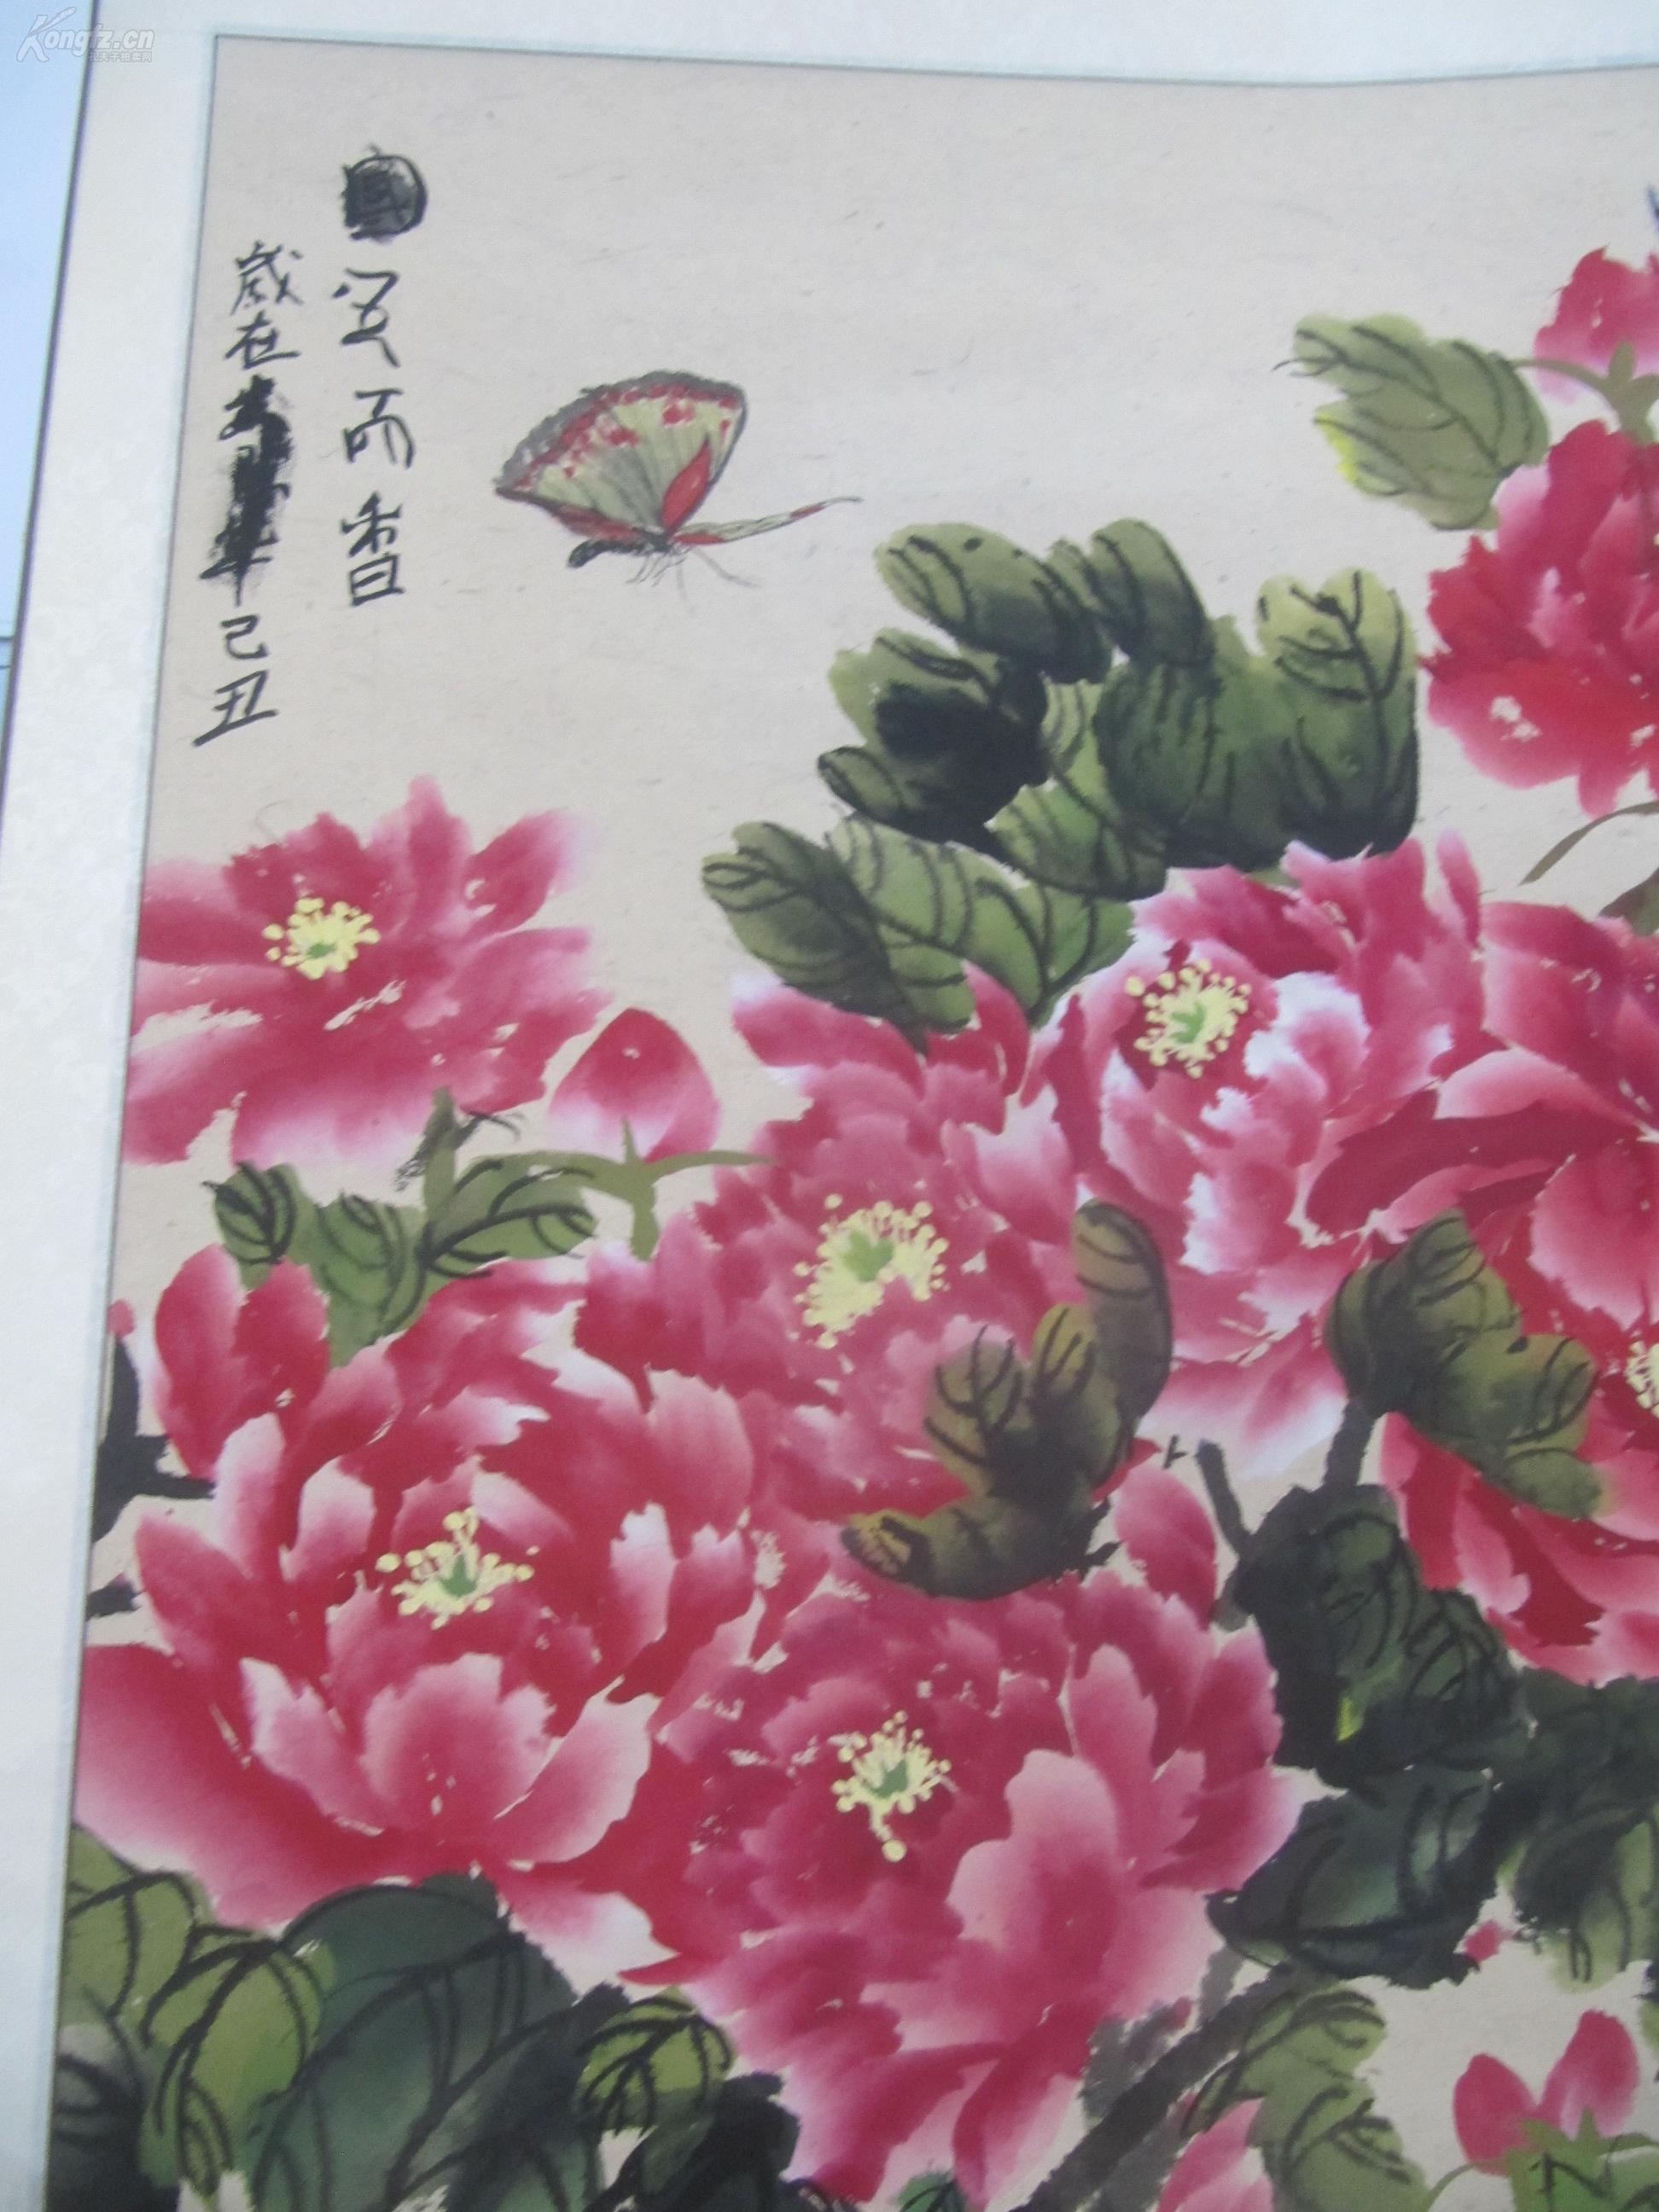 王欣 大幅装裱国画作品《山乡春来早图》一幅... _孔夫子拍卖网